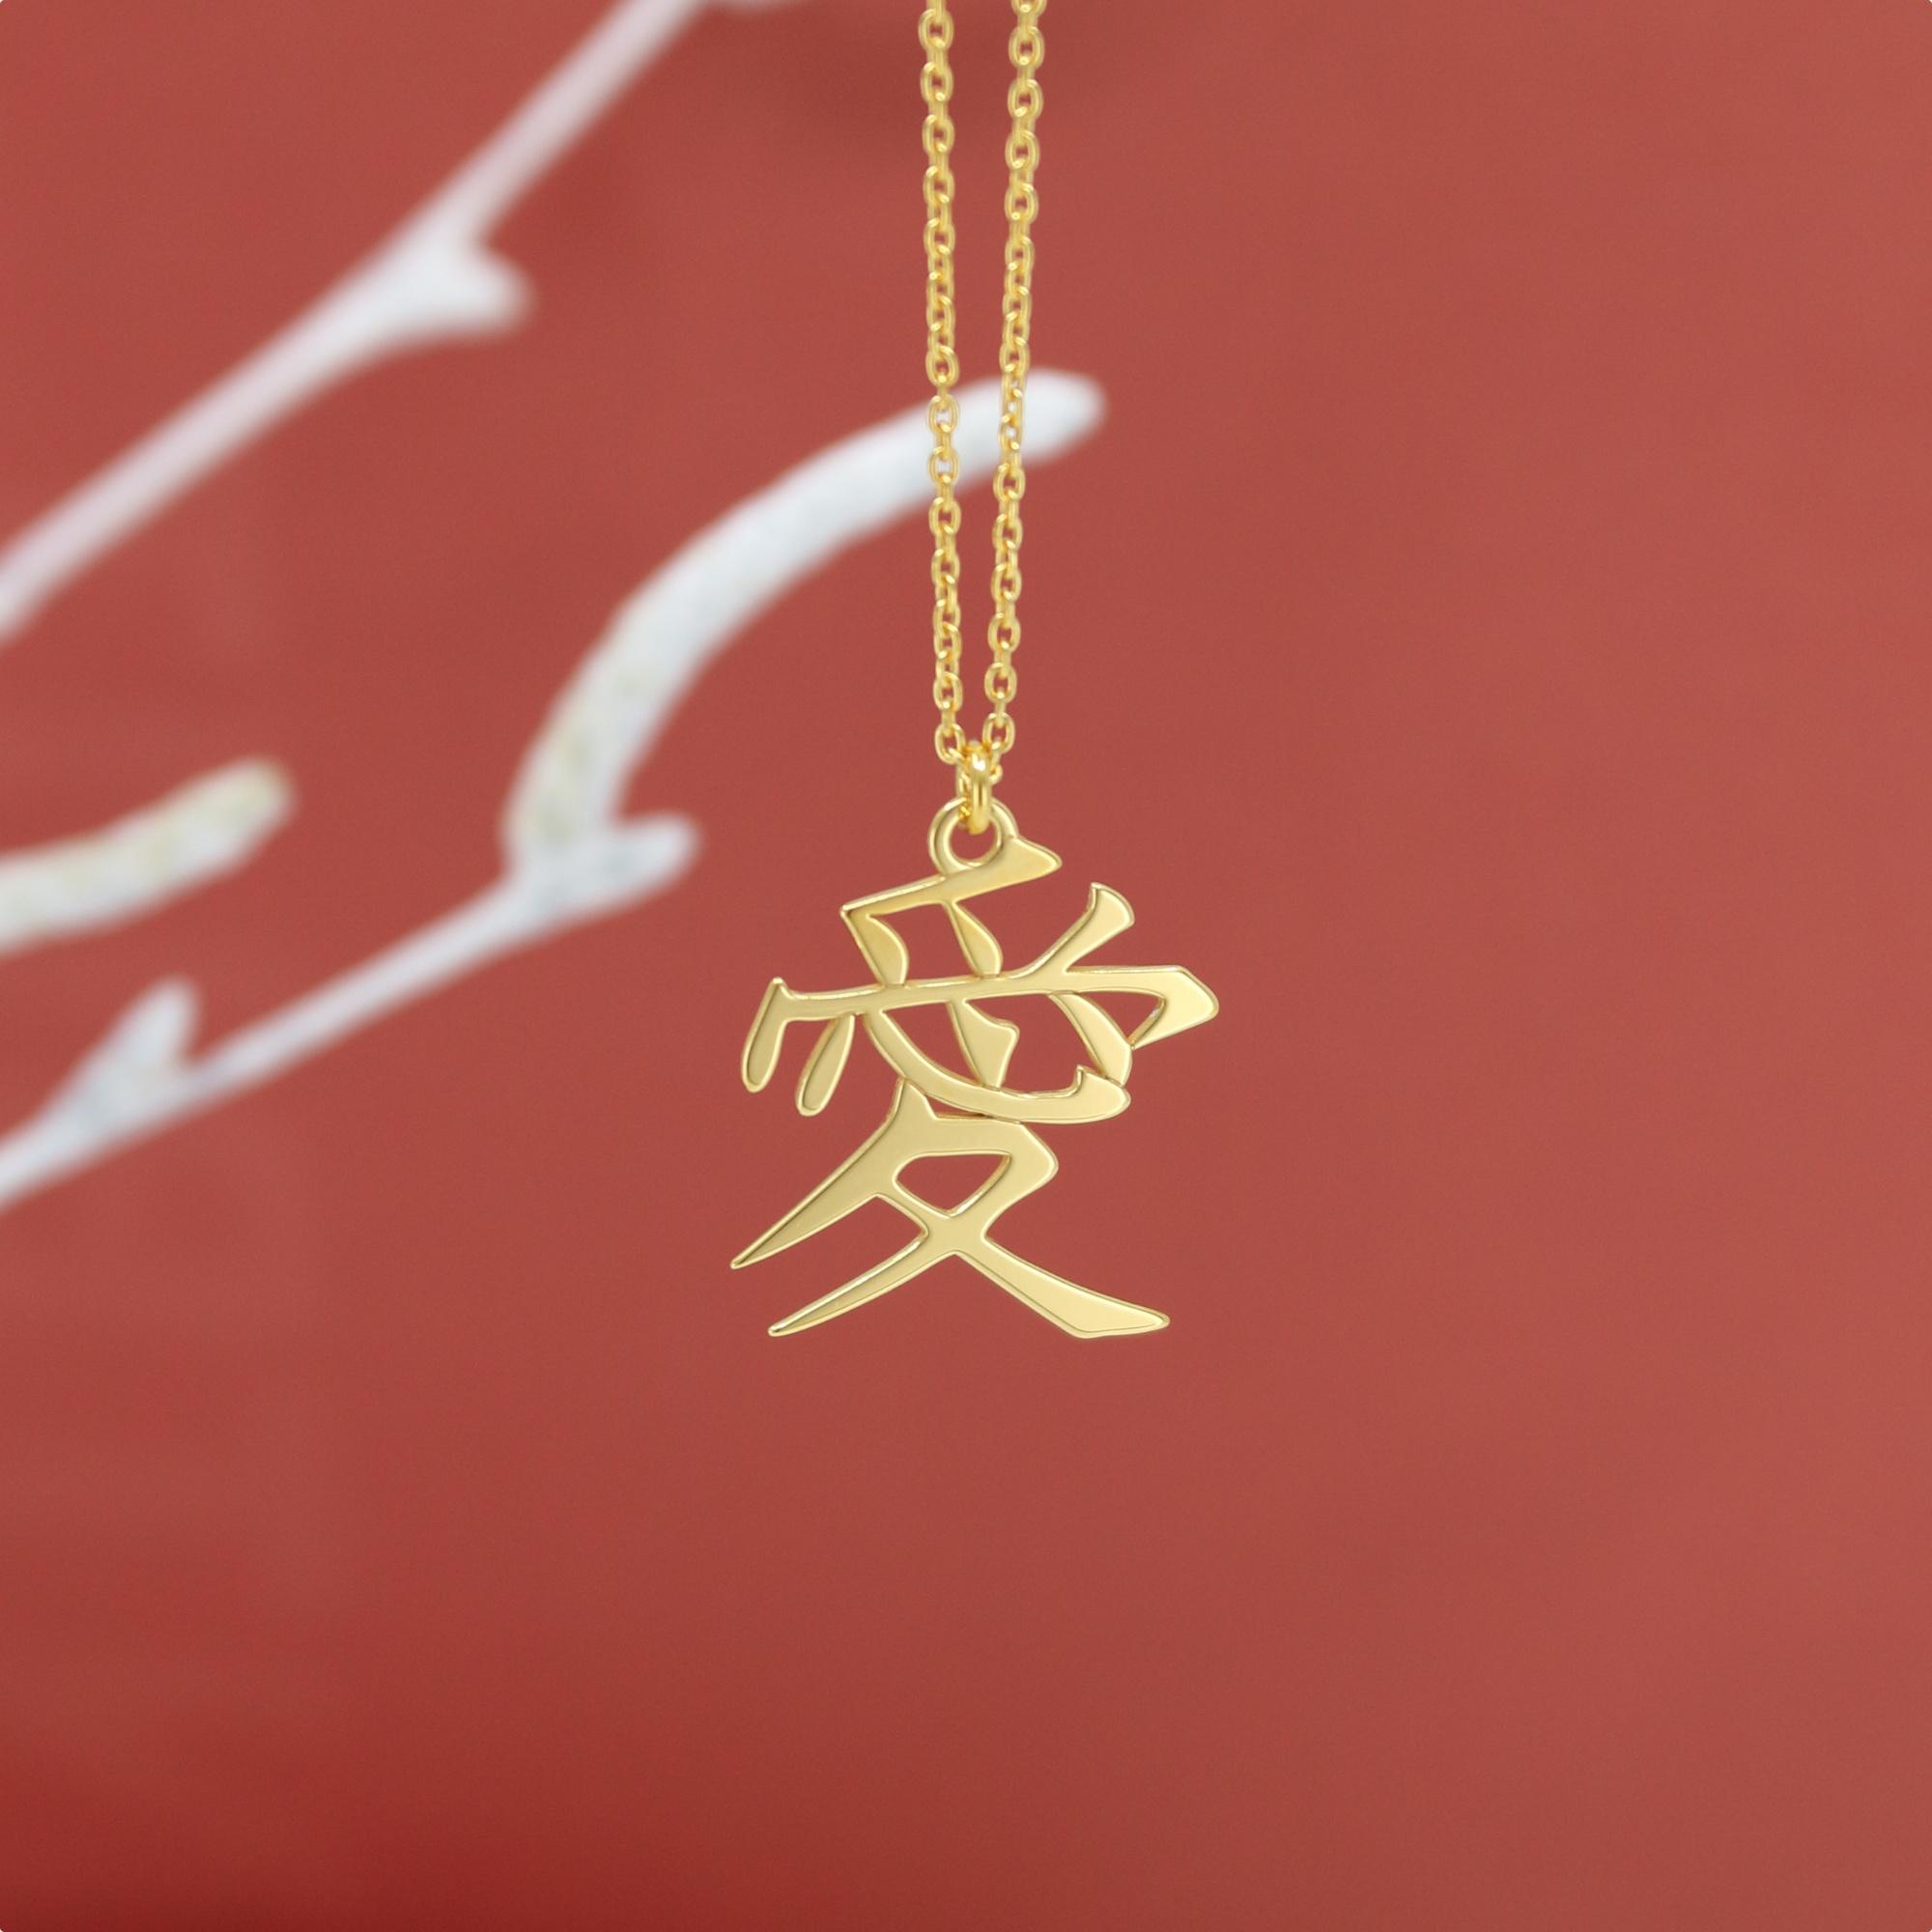 ARLIZI Schmuck japanisches Liebessymbol Sterling Silber vergoldet